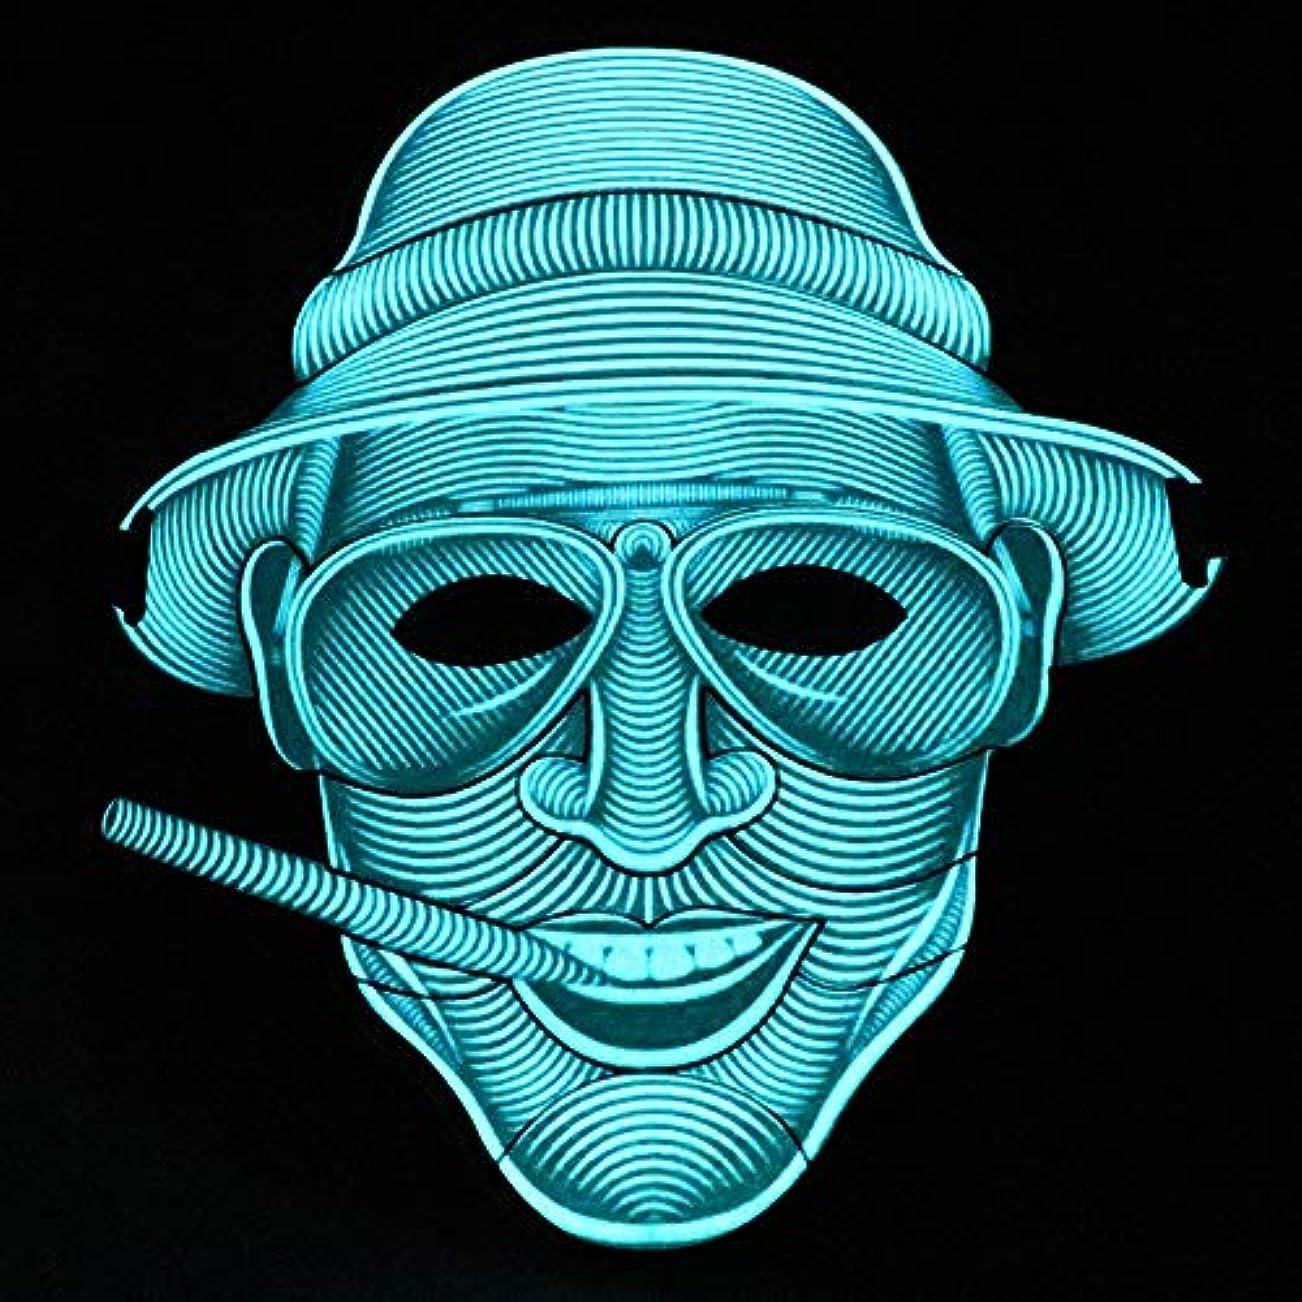 聖人実業家不機嫌照らされたマスクLED創造的な冷光音響制御マスクハロウィンバーフェスティバルダンスマスク (Color : #17)